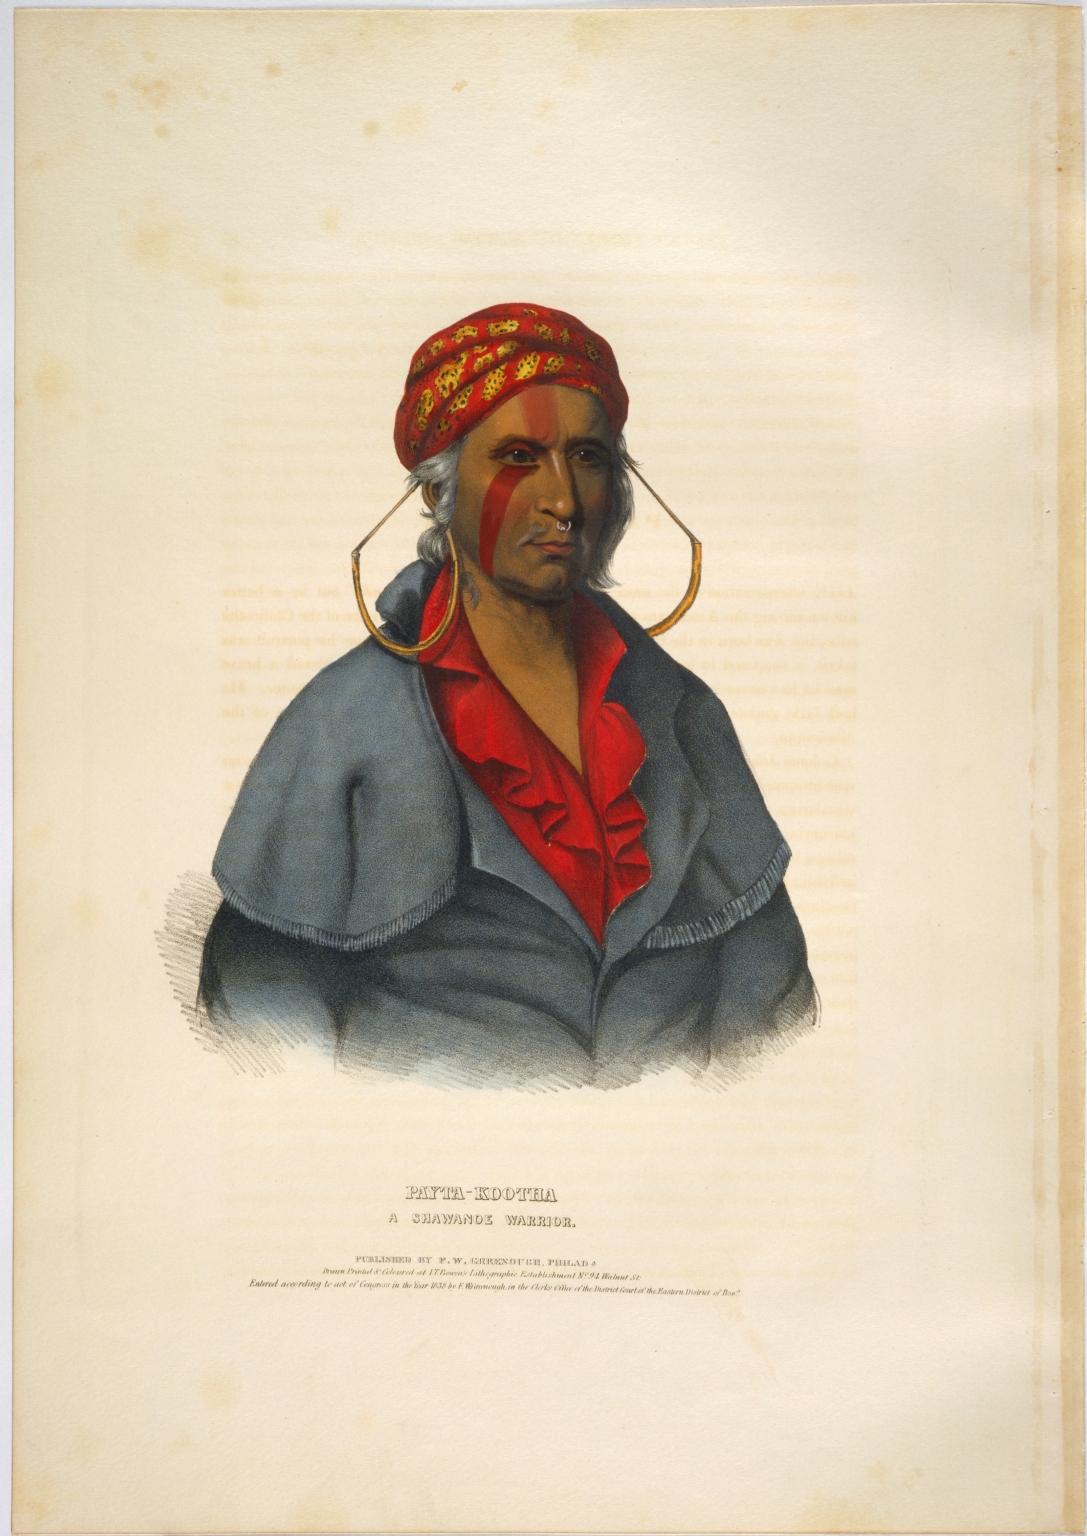 Payta-kootha, a Shawanoe warrior